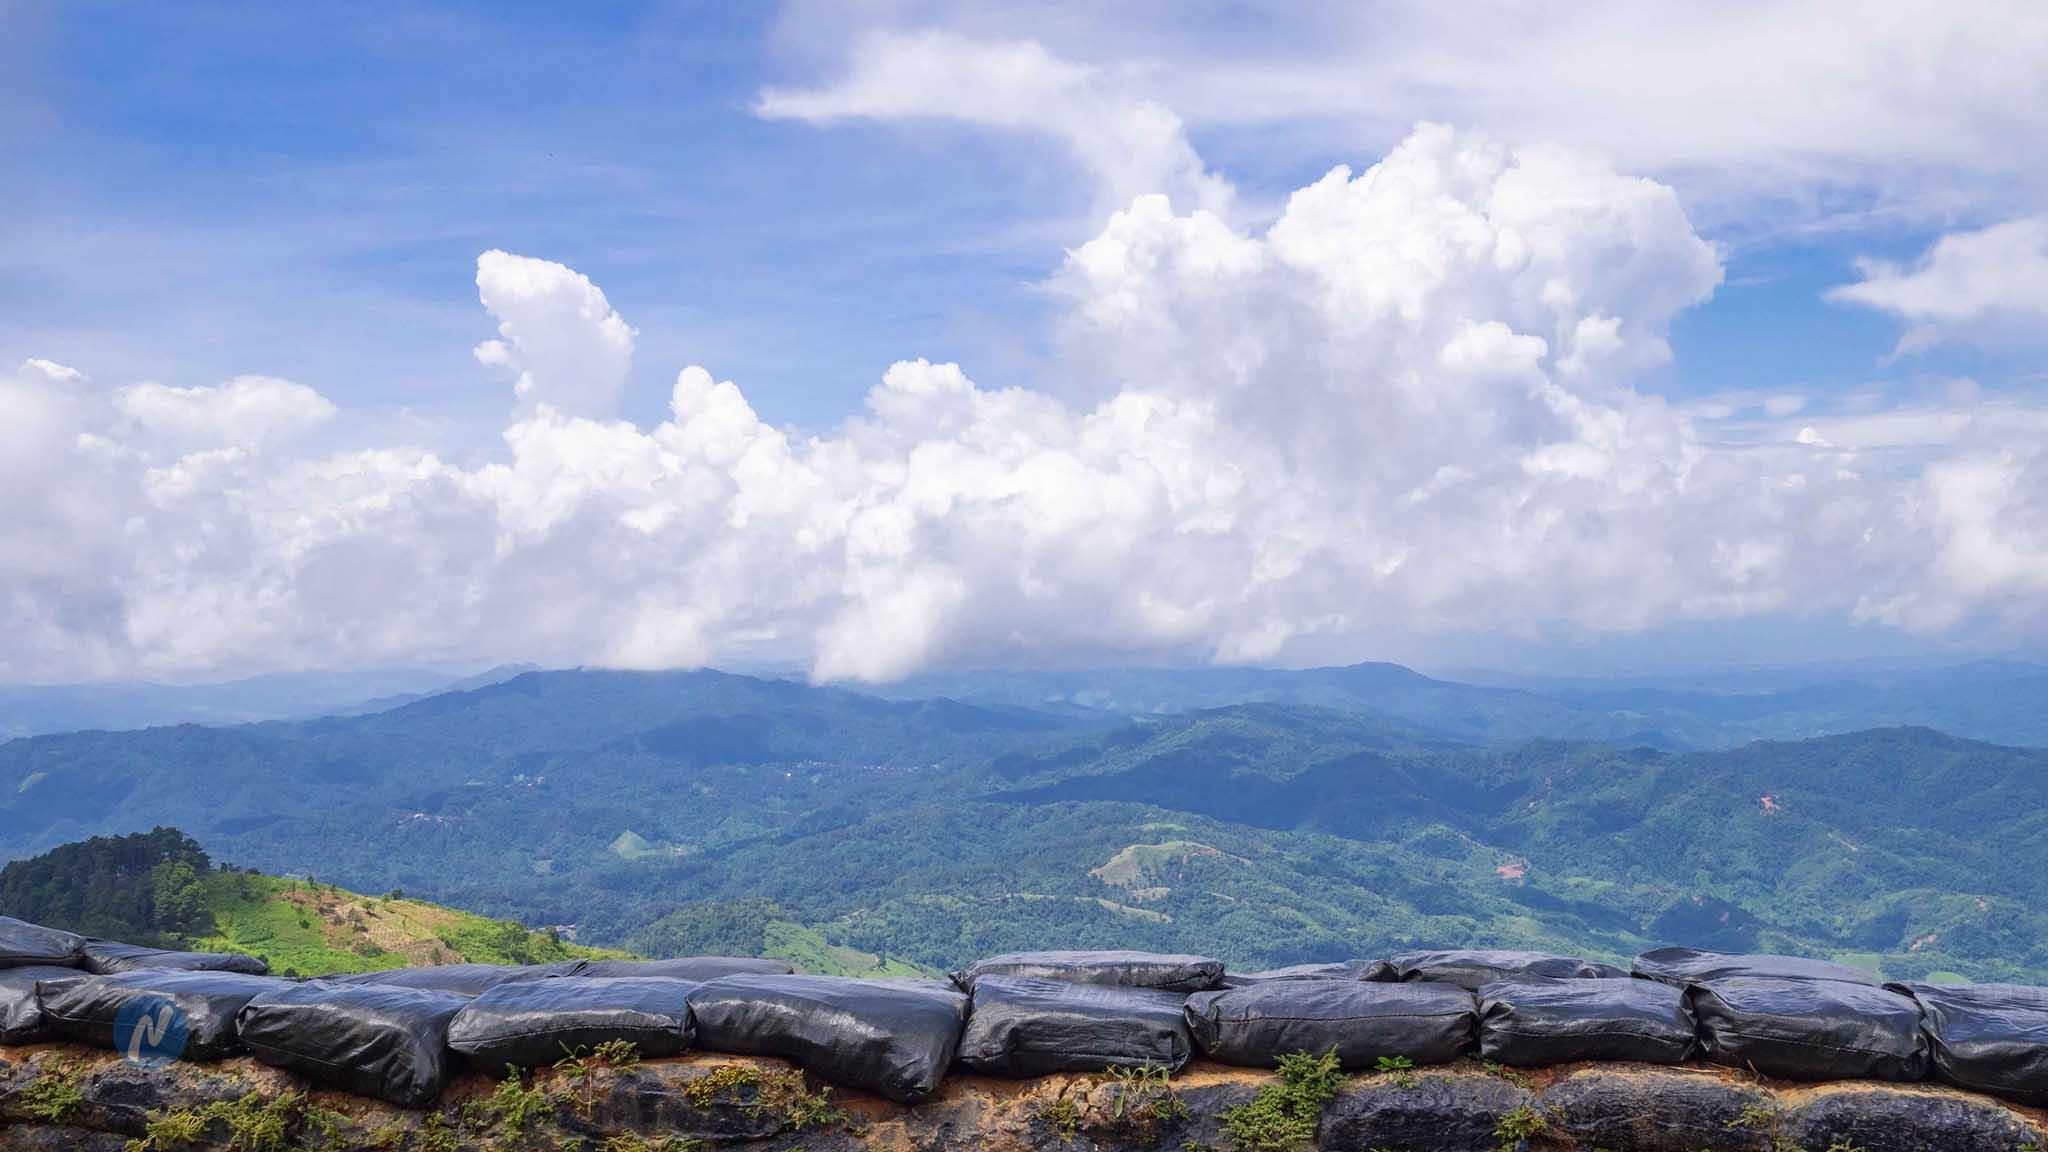 เขตชายแดนไทย-เมียนมา ดอยช้างมูบ